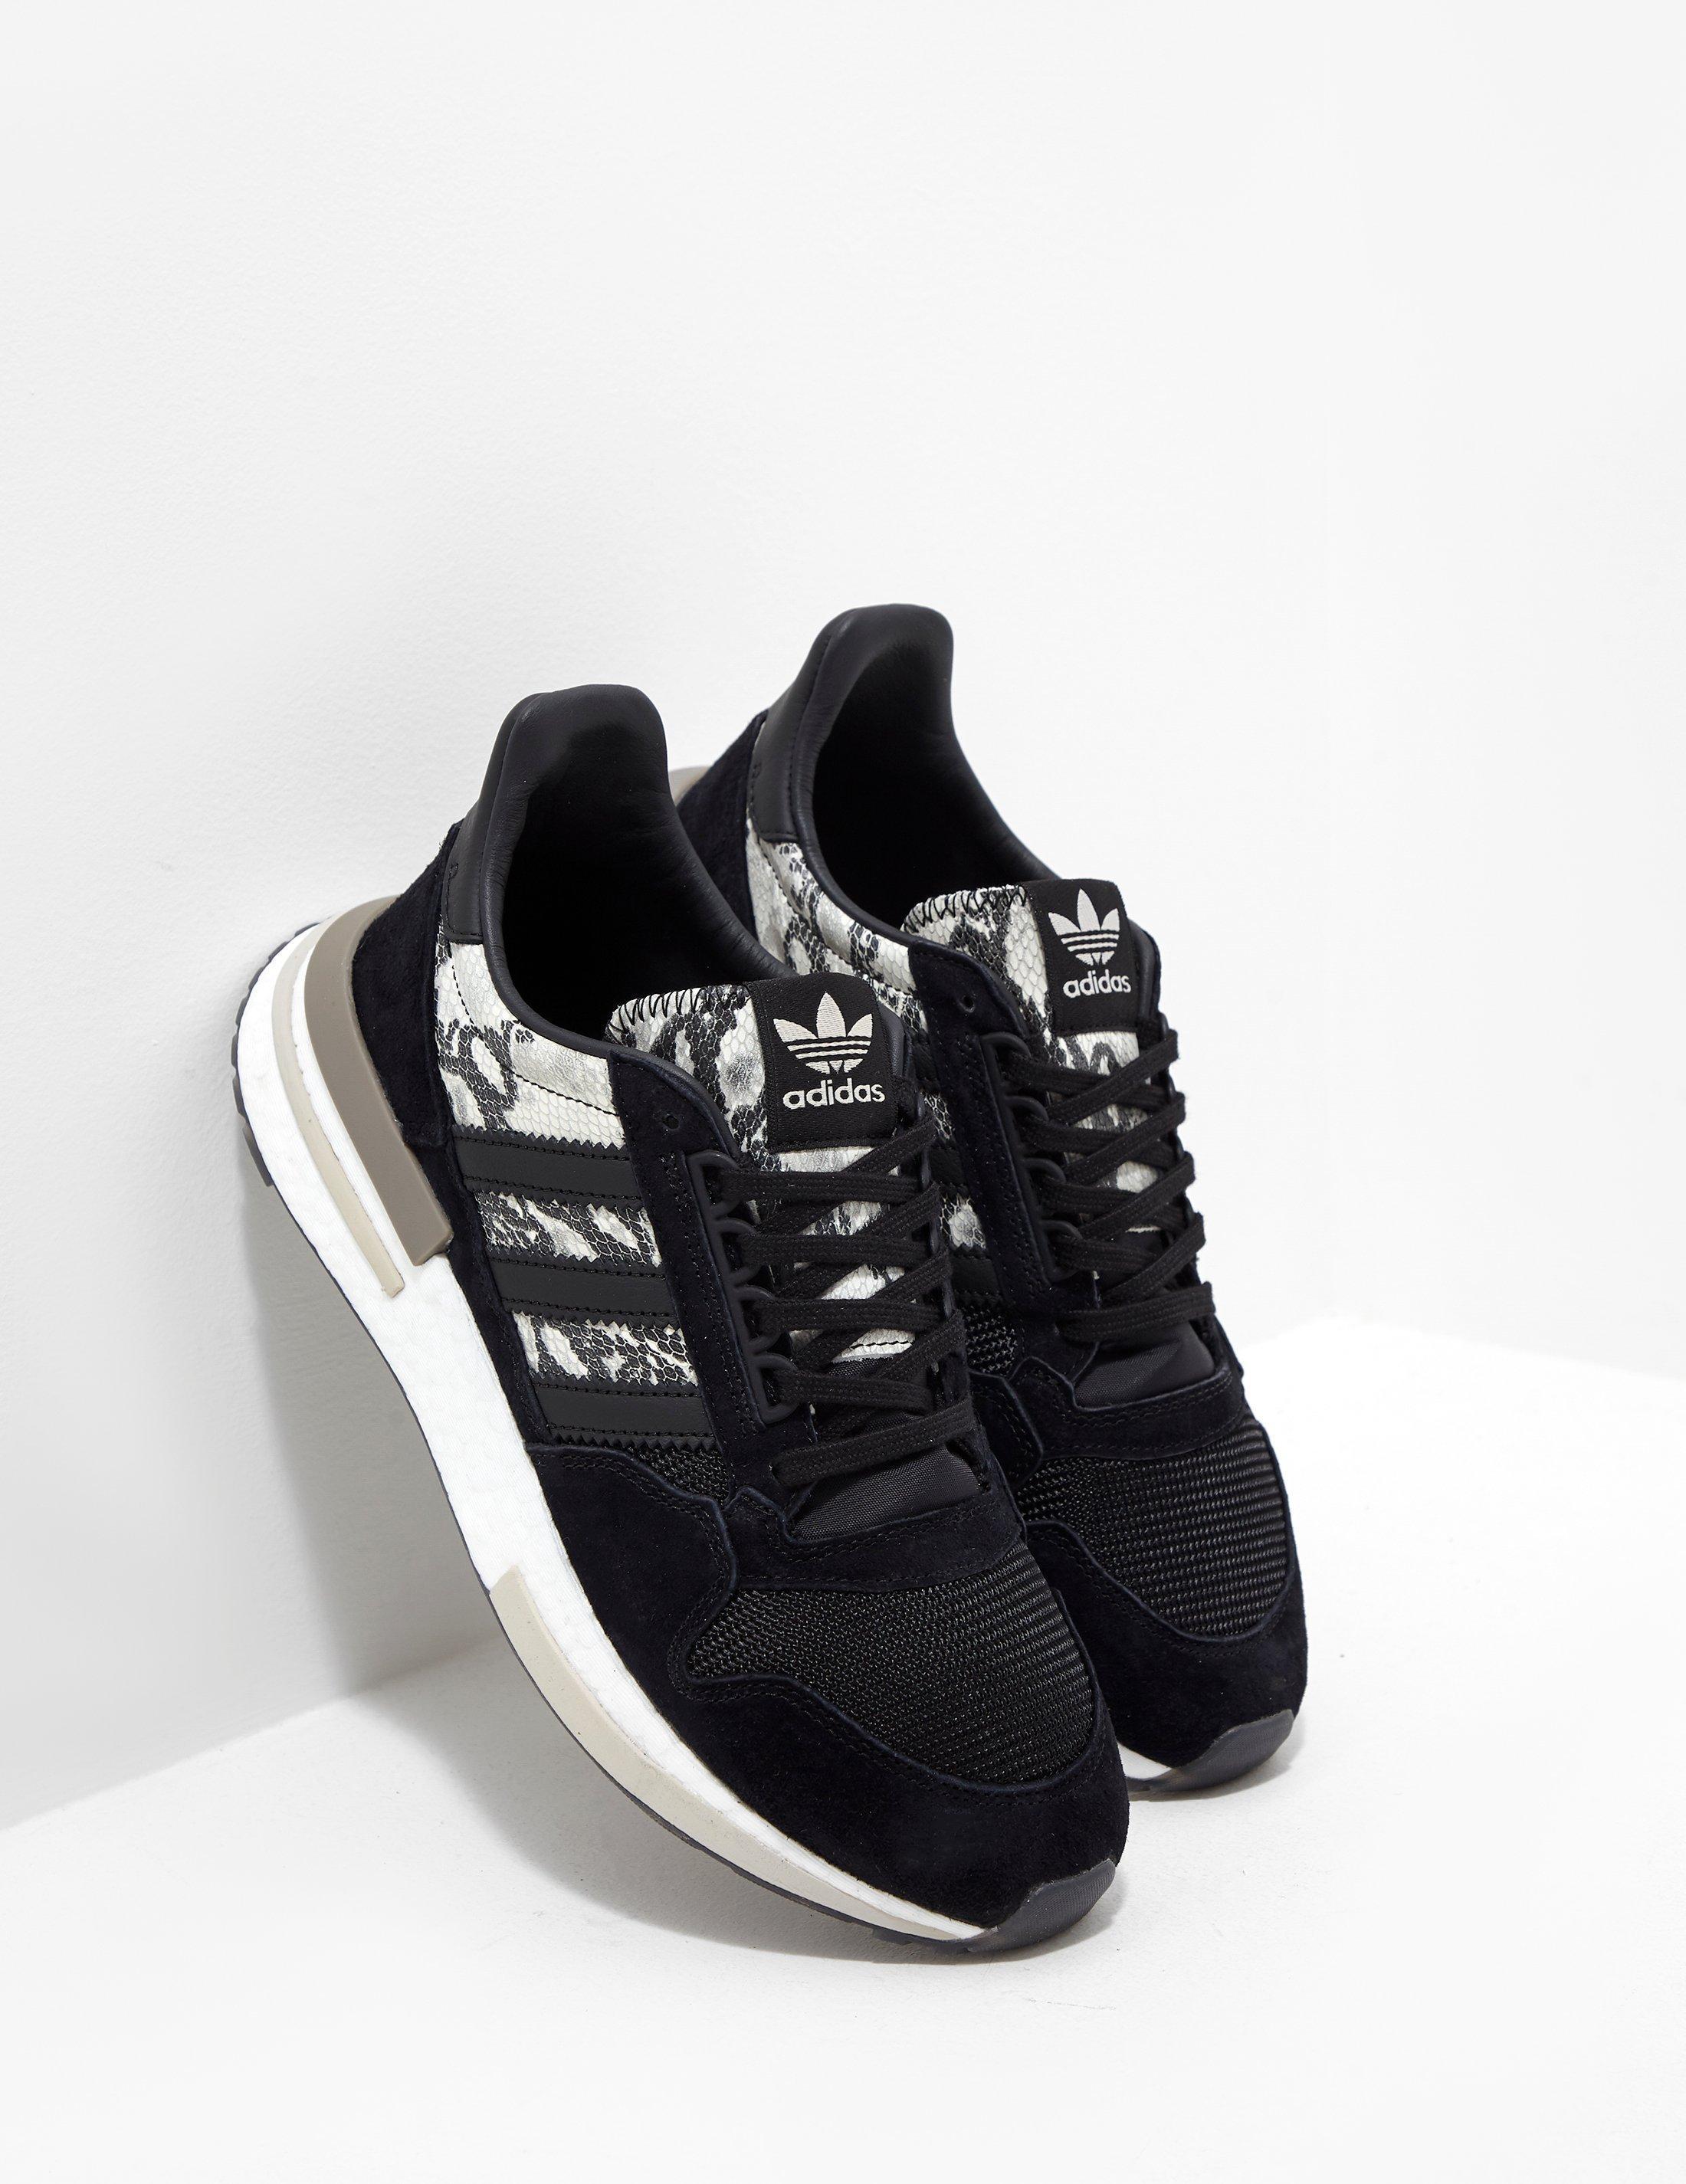 4ed402c490dc8 Lyst - adidas Originals Zx 500 Rm Black in Black for Men